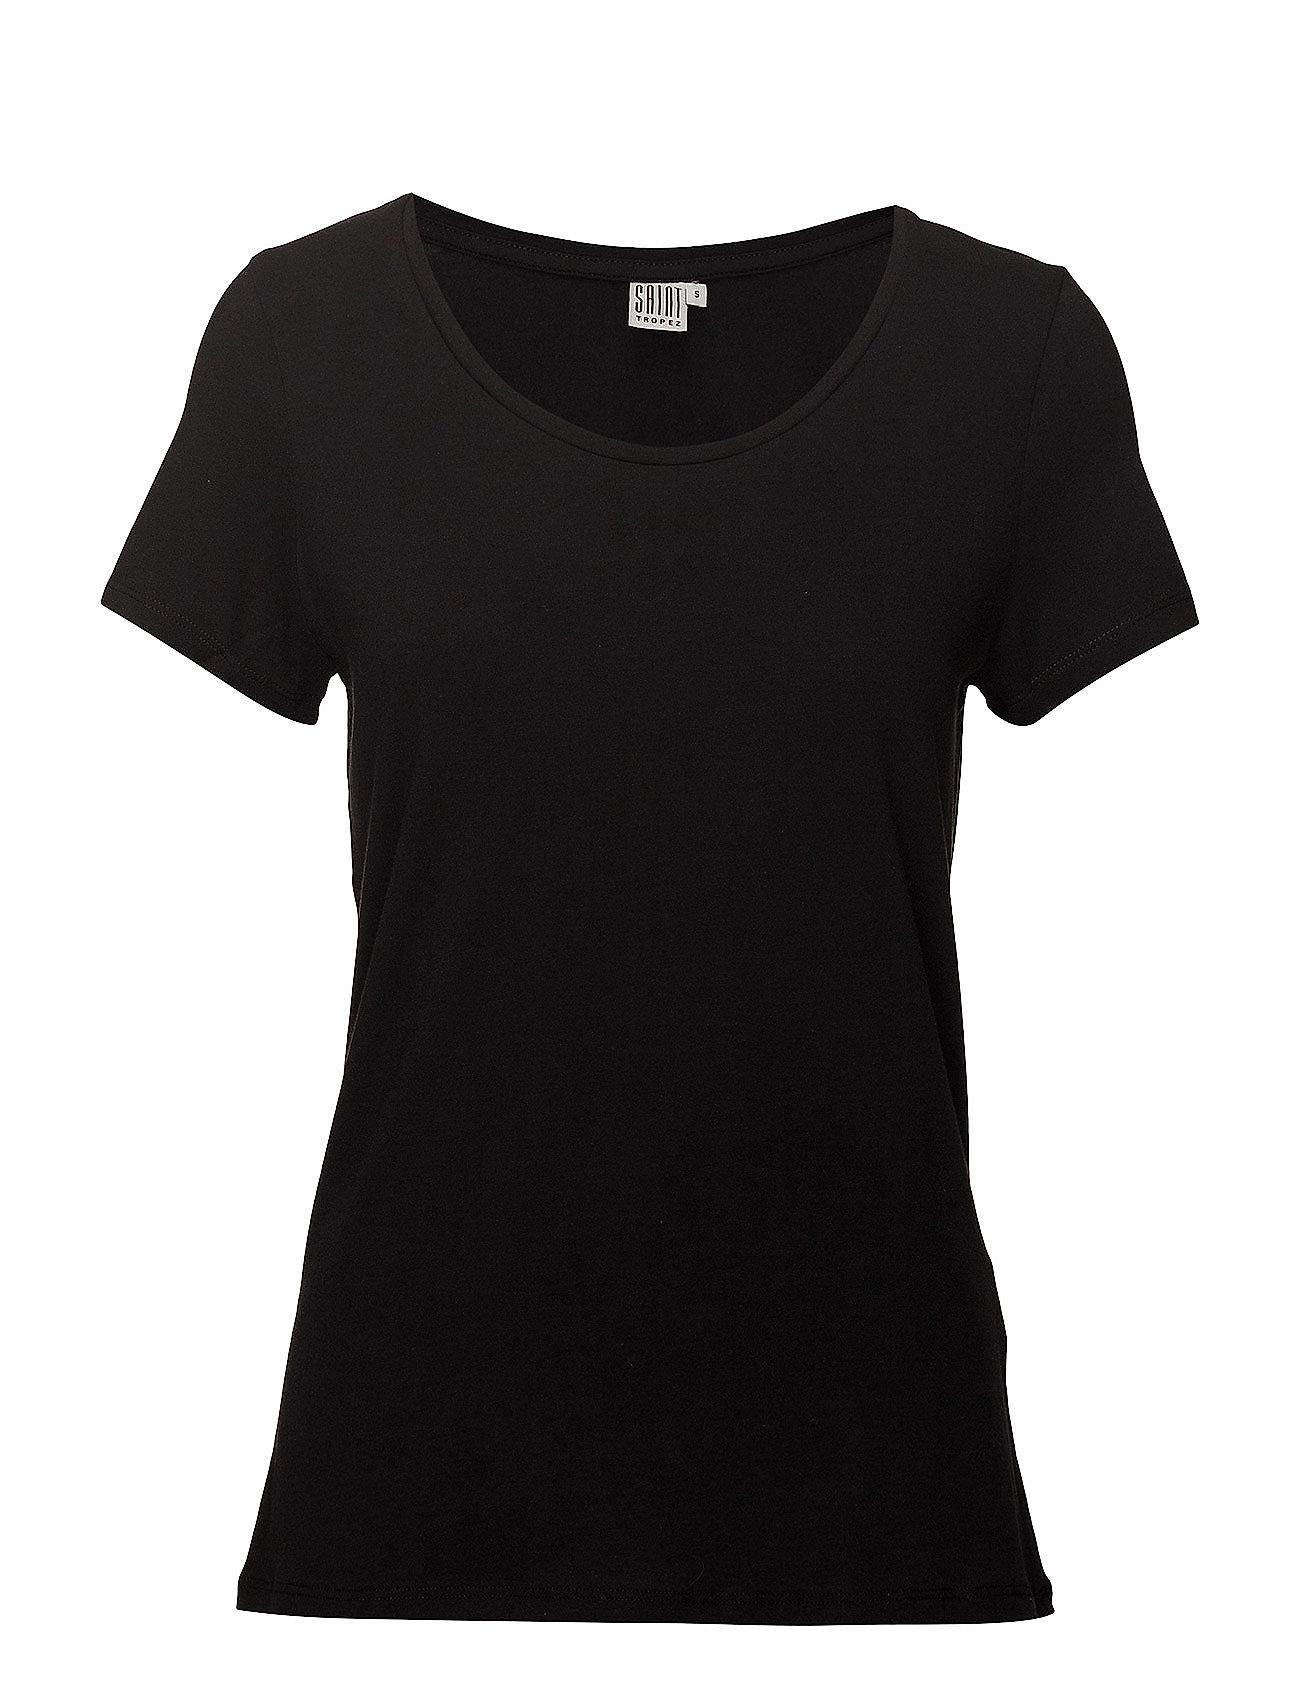 shirt Tropez T Round NeckblackSaint With 2EWDI9H